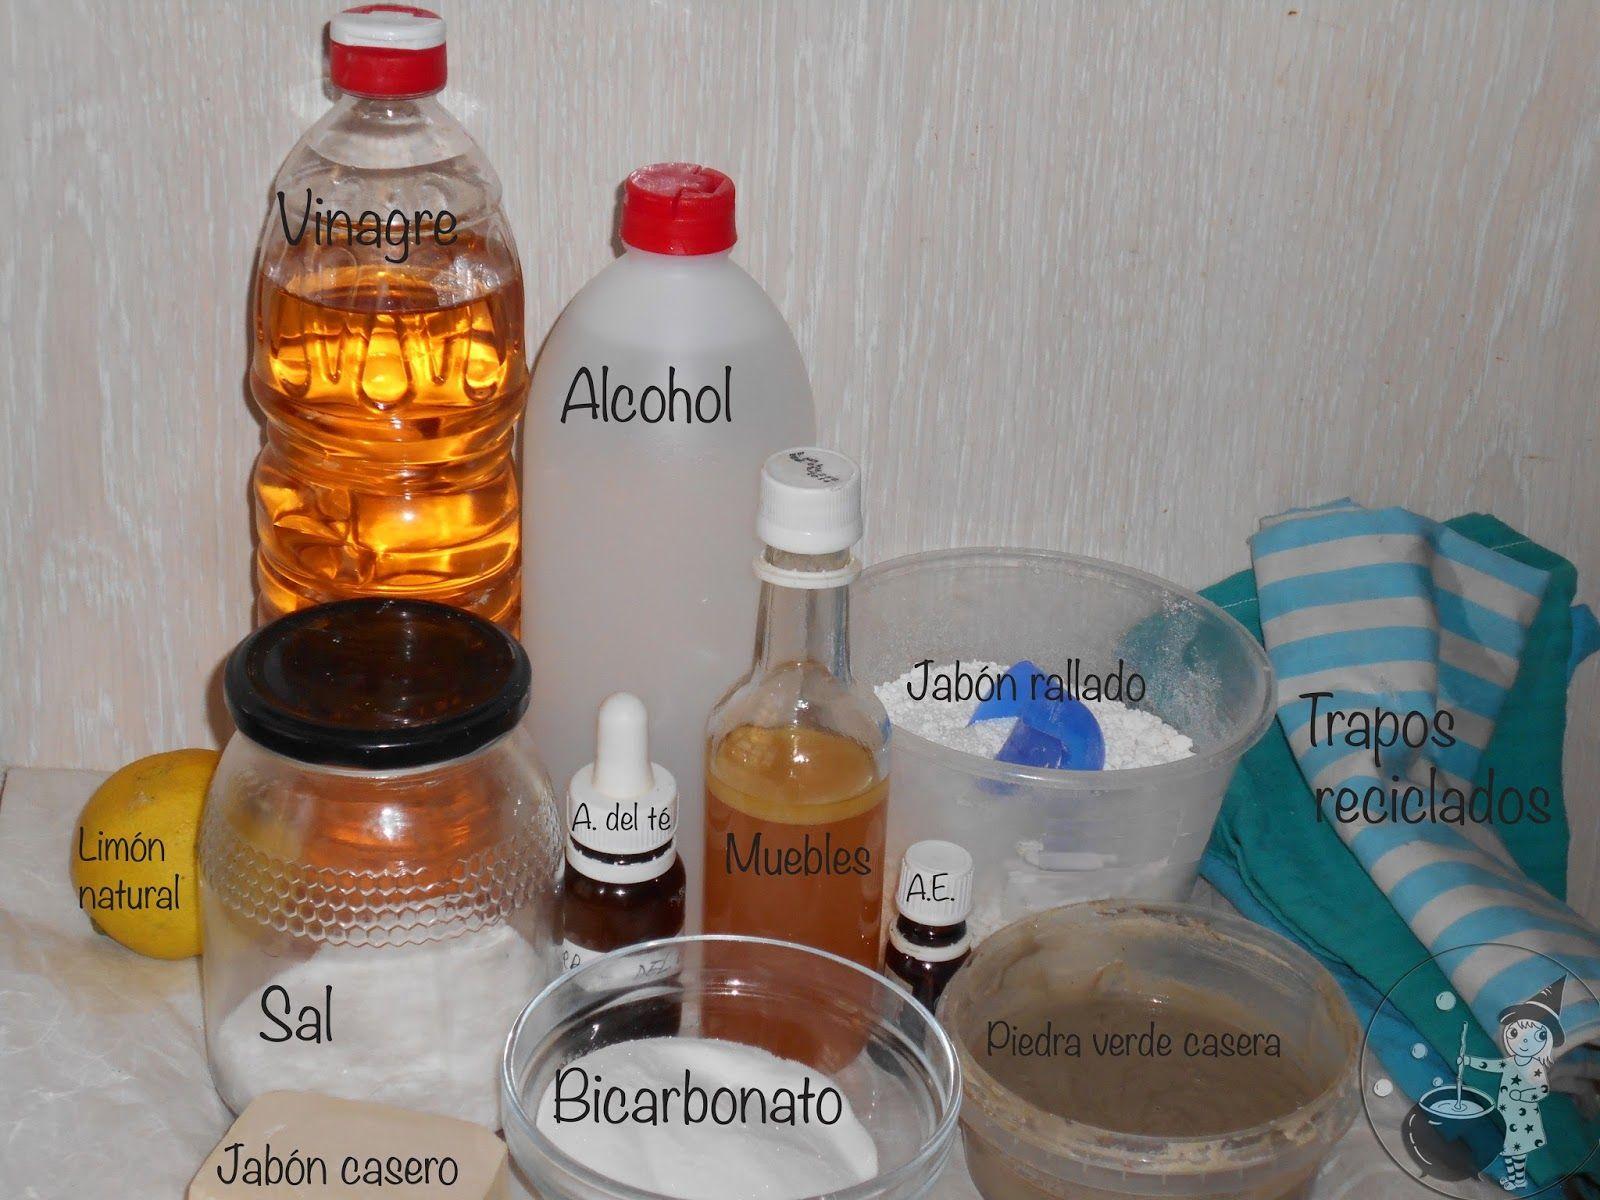 10 Limpiadores Caseros Ecológicos Y Baratos Que Puedes Fabricar En Casa Detergente Casero Trucos De Limpieza Productos De Limpieza Ecologicos